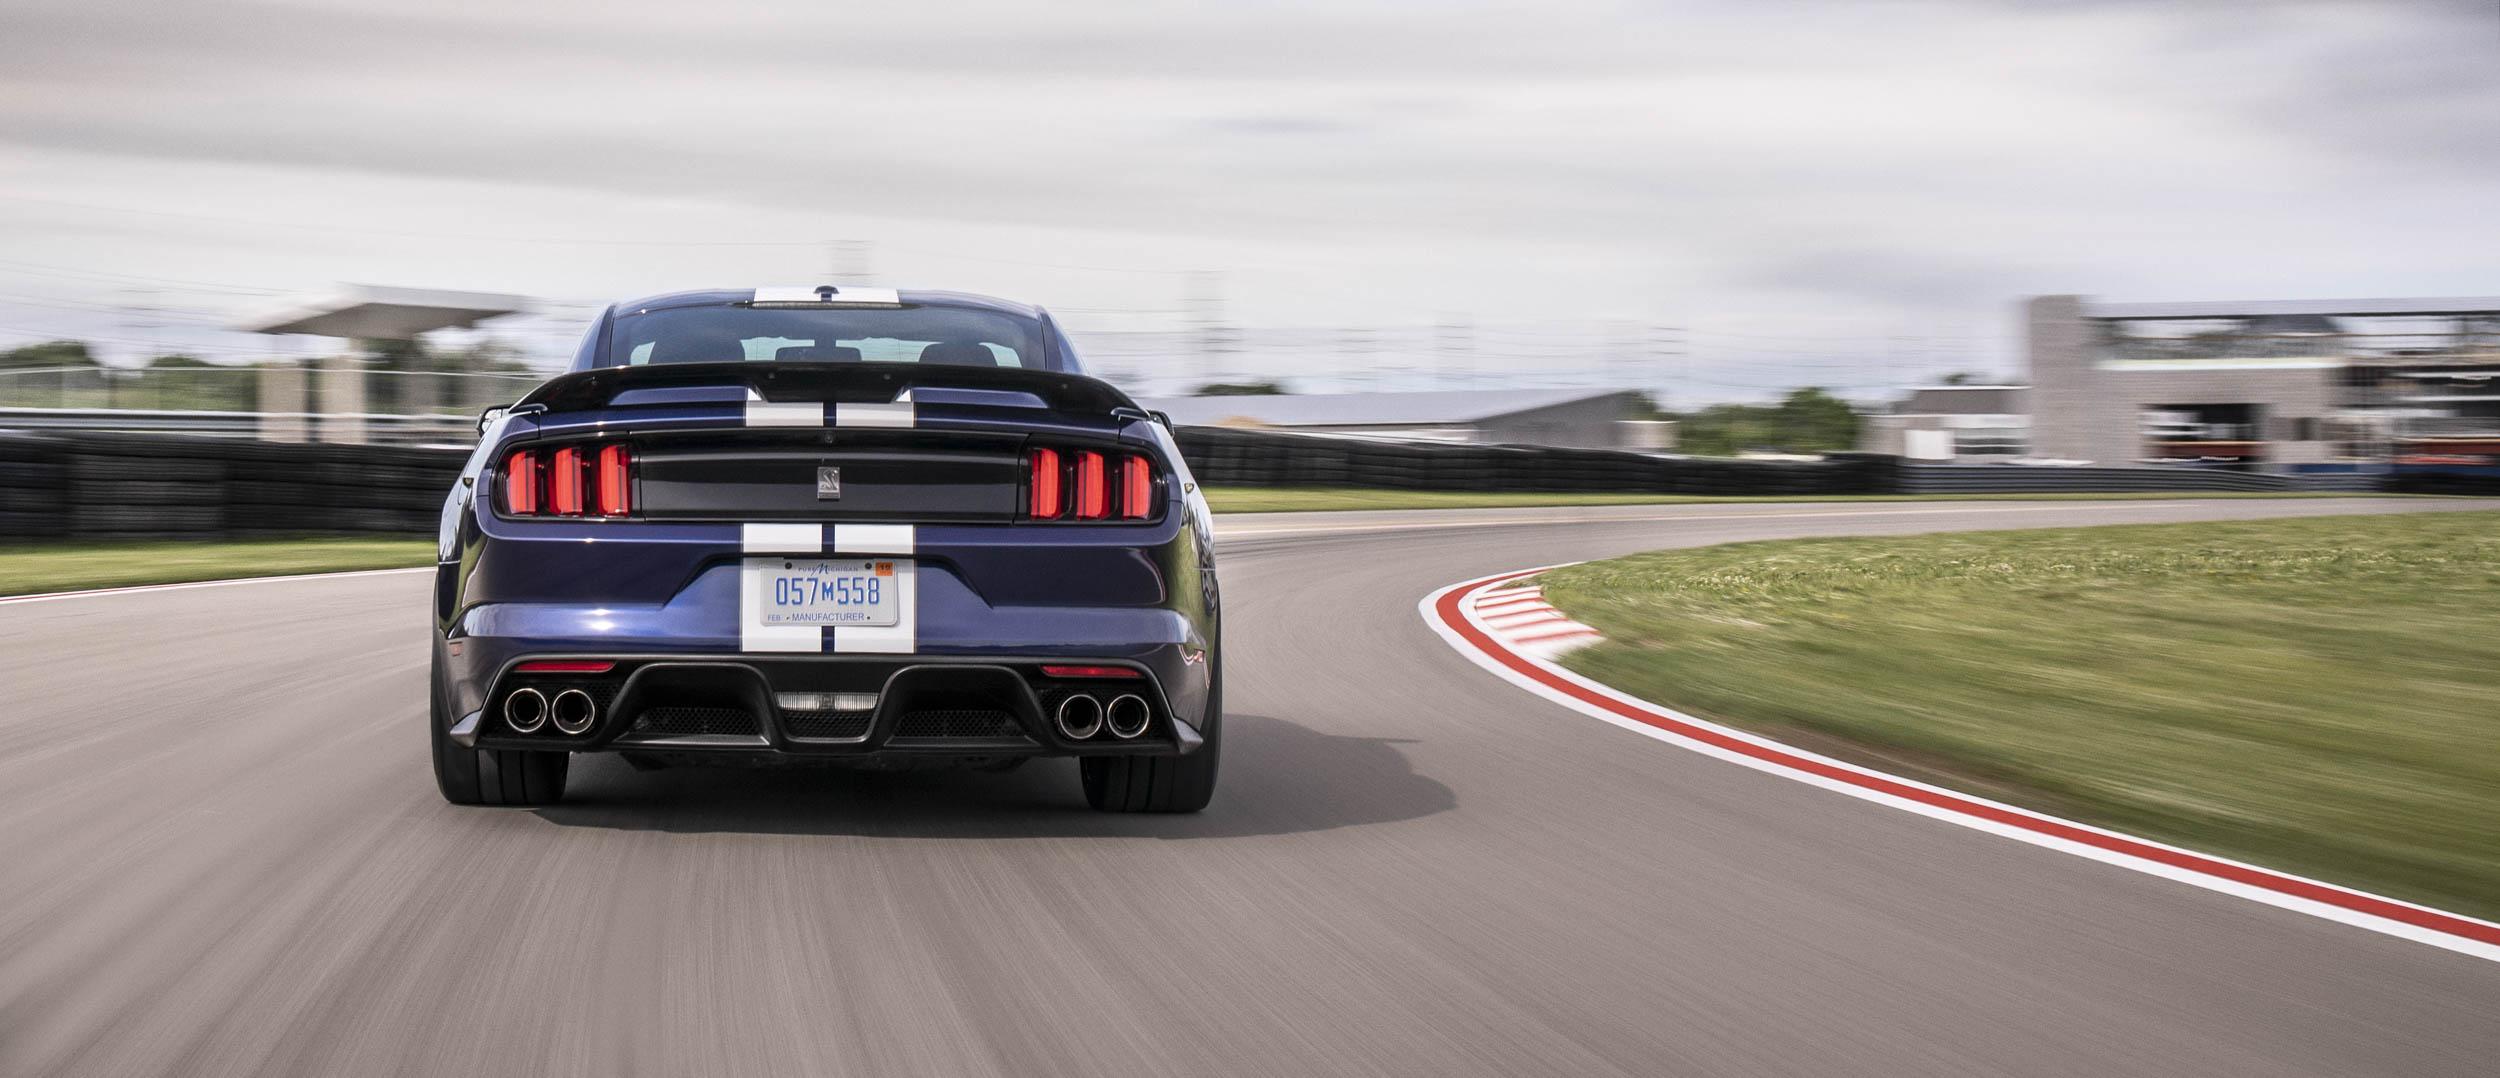 2019 Shelby GT350 back